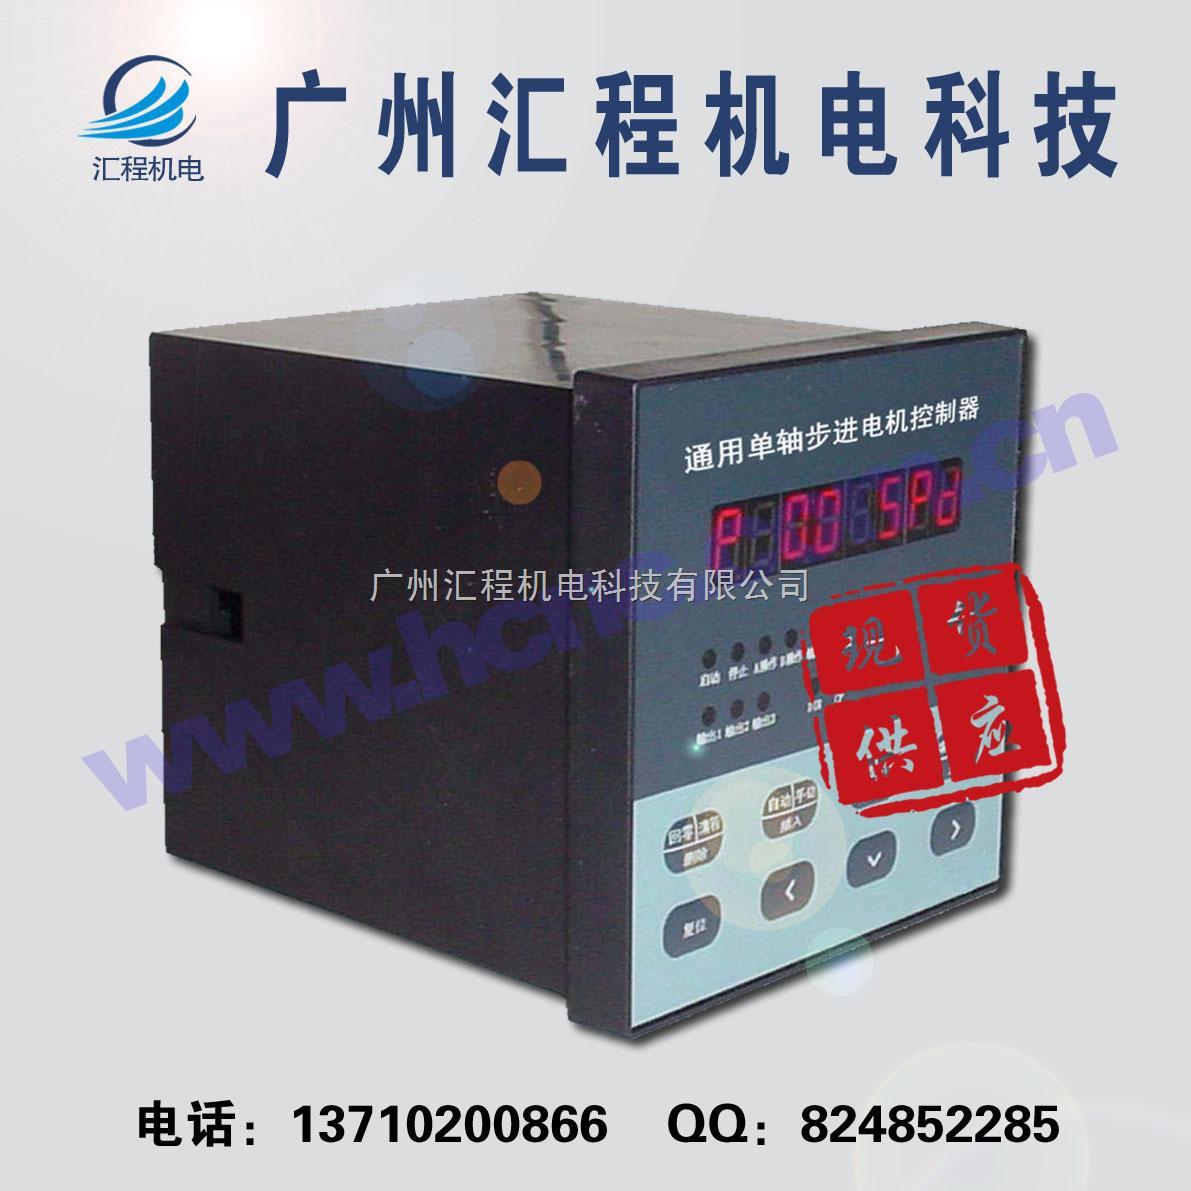 现货供应;步进电机控制器;伺服电机控制器;4轴四轴器